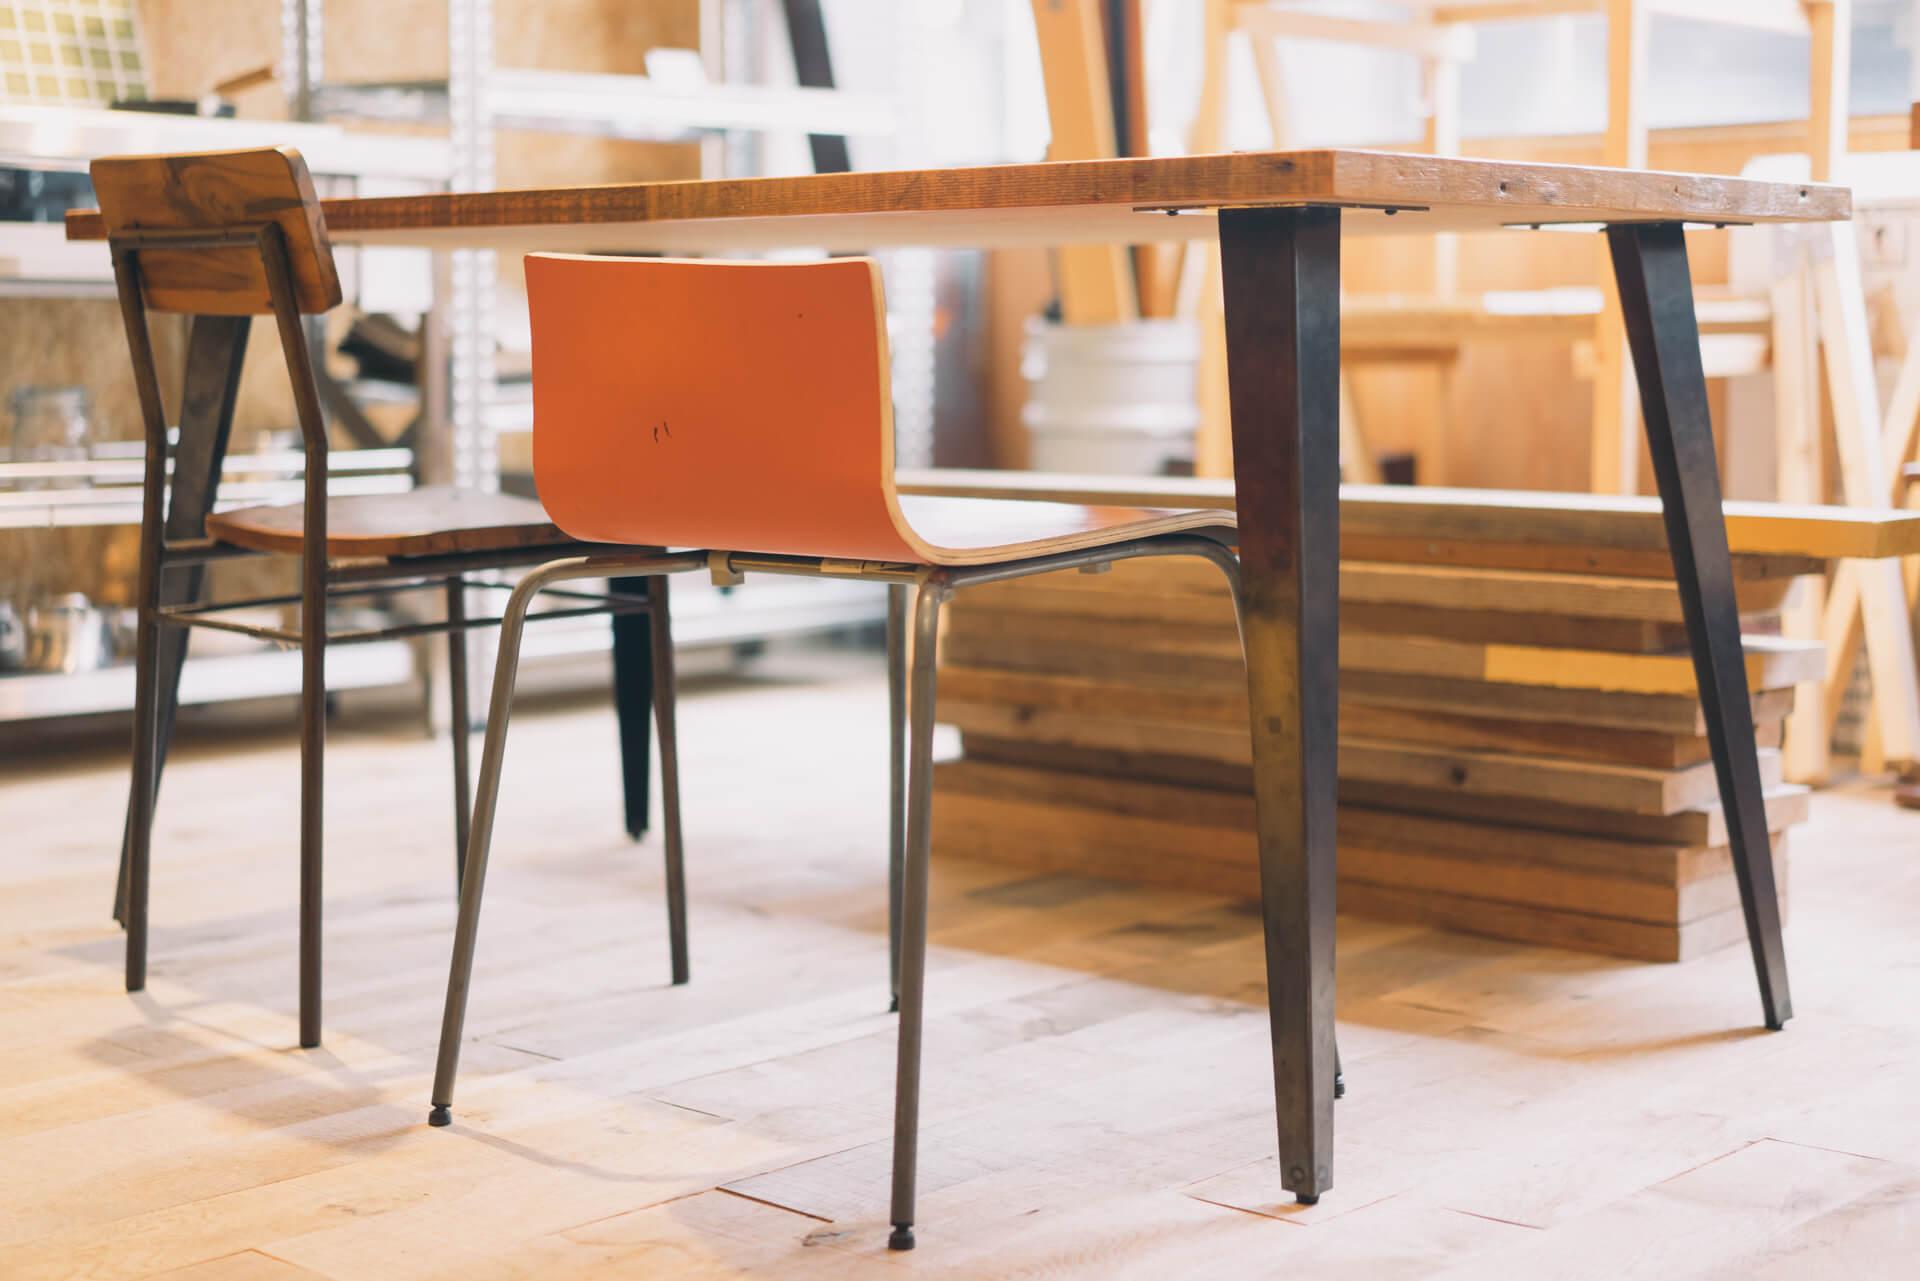 まずはここから。脚と天板を組み合わせてテーブルを作ってみましょう。